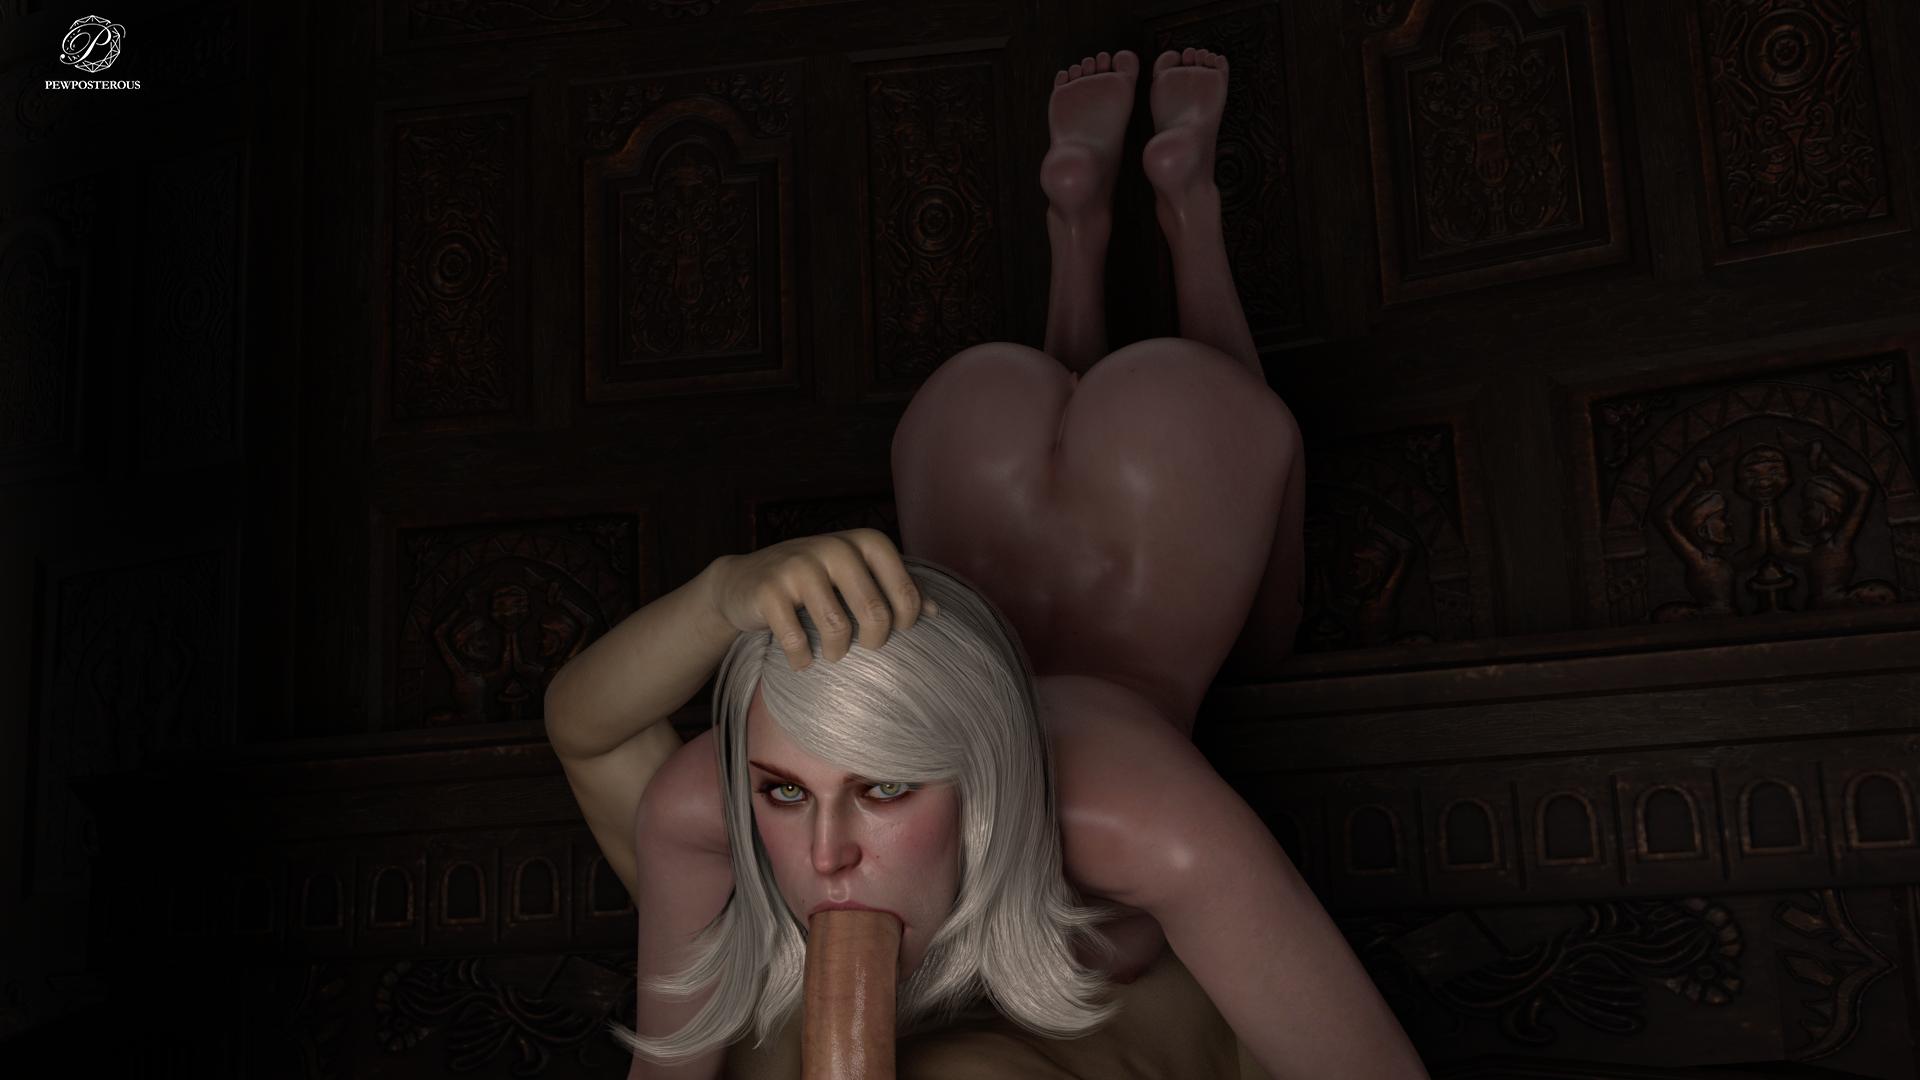 Porn keira metz Keira metz